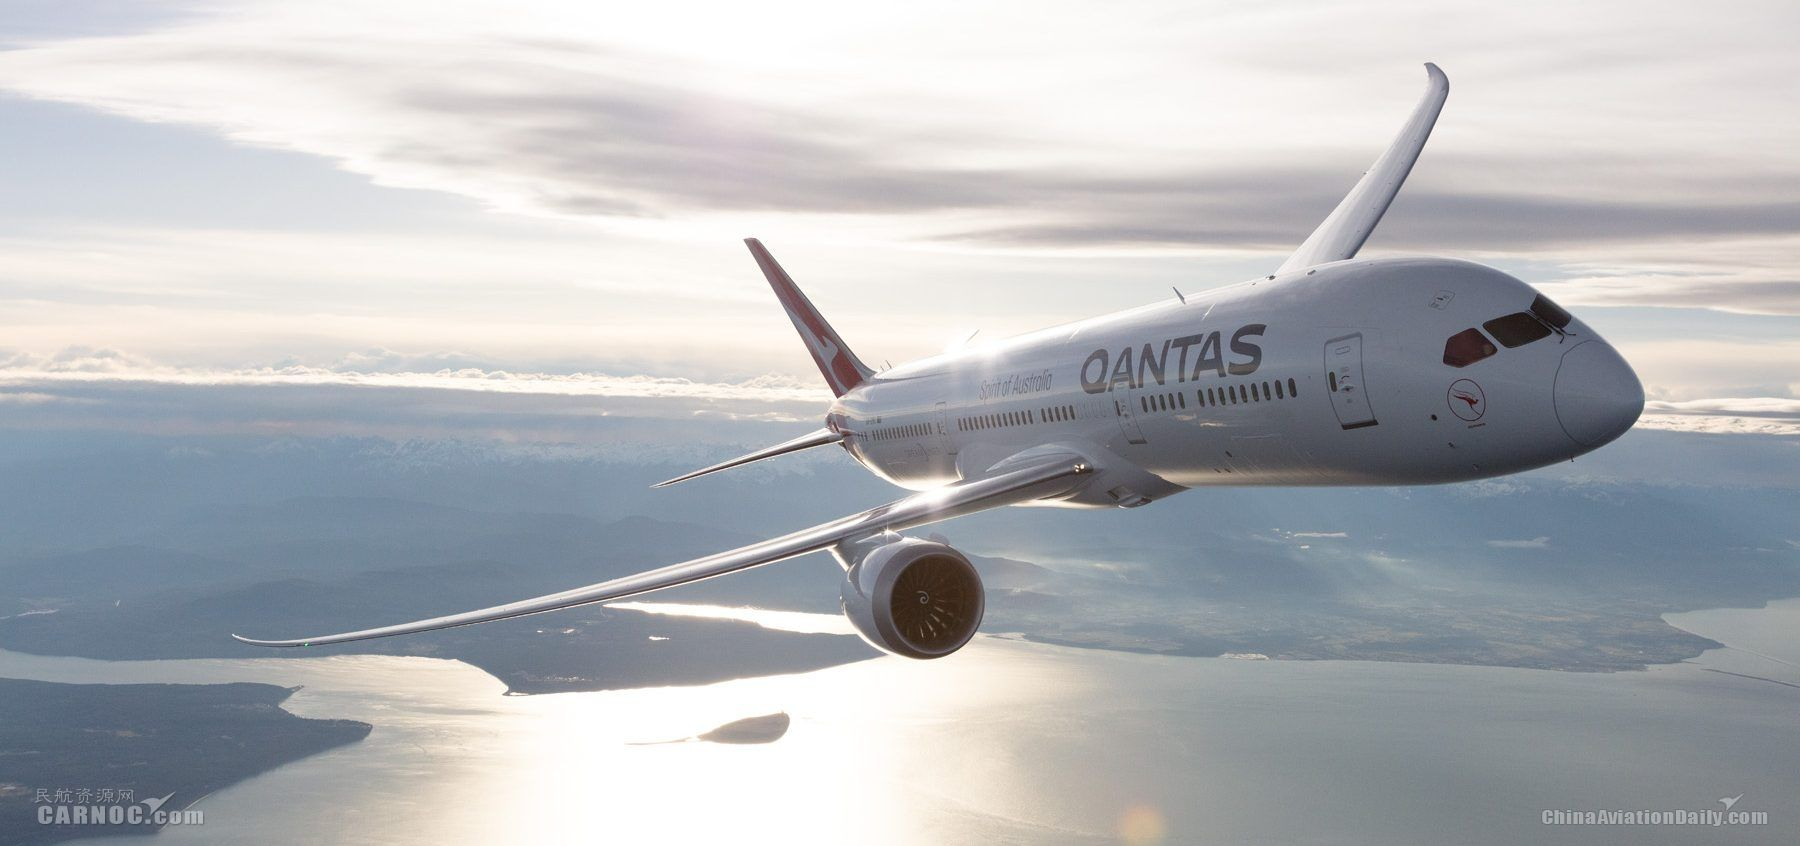 澳航将于2020年开通芝加哥直飞航线 789执飞